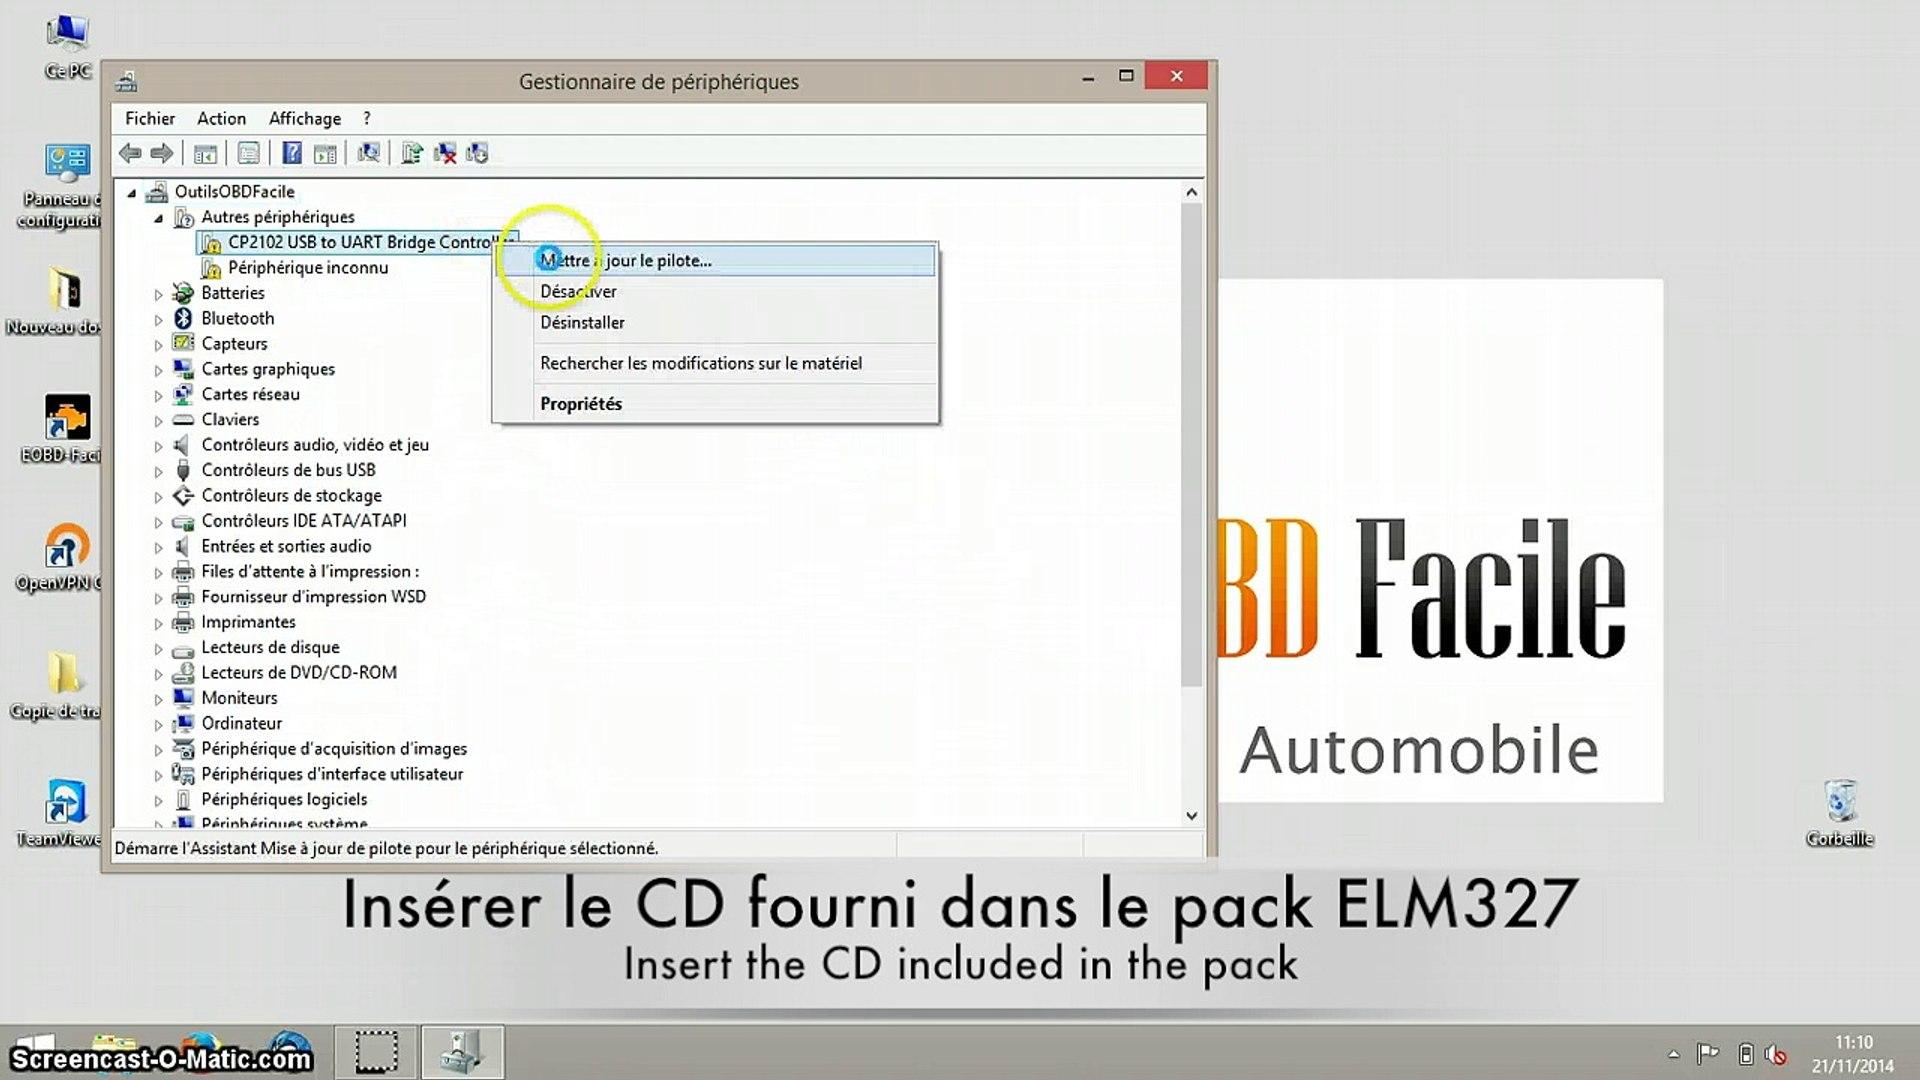 [TUTO] Comment installer les drivers USB de l'ELM327 sur Windows 8